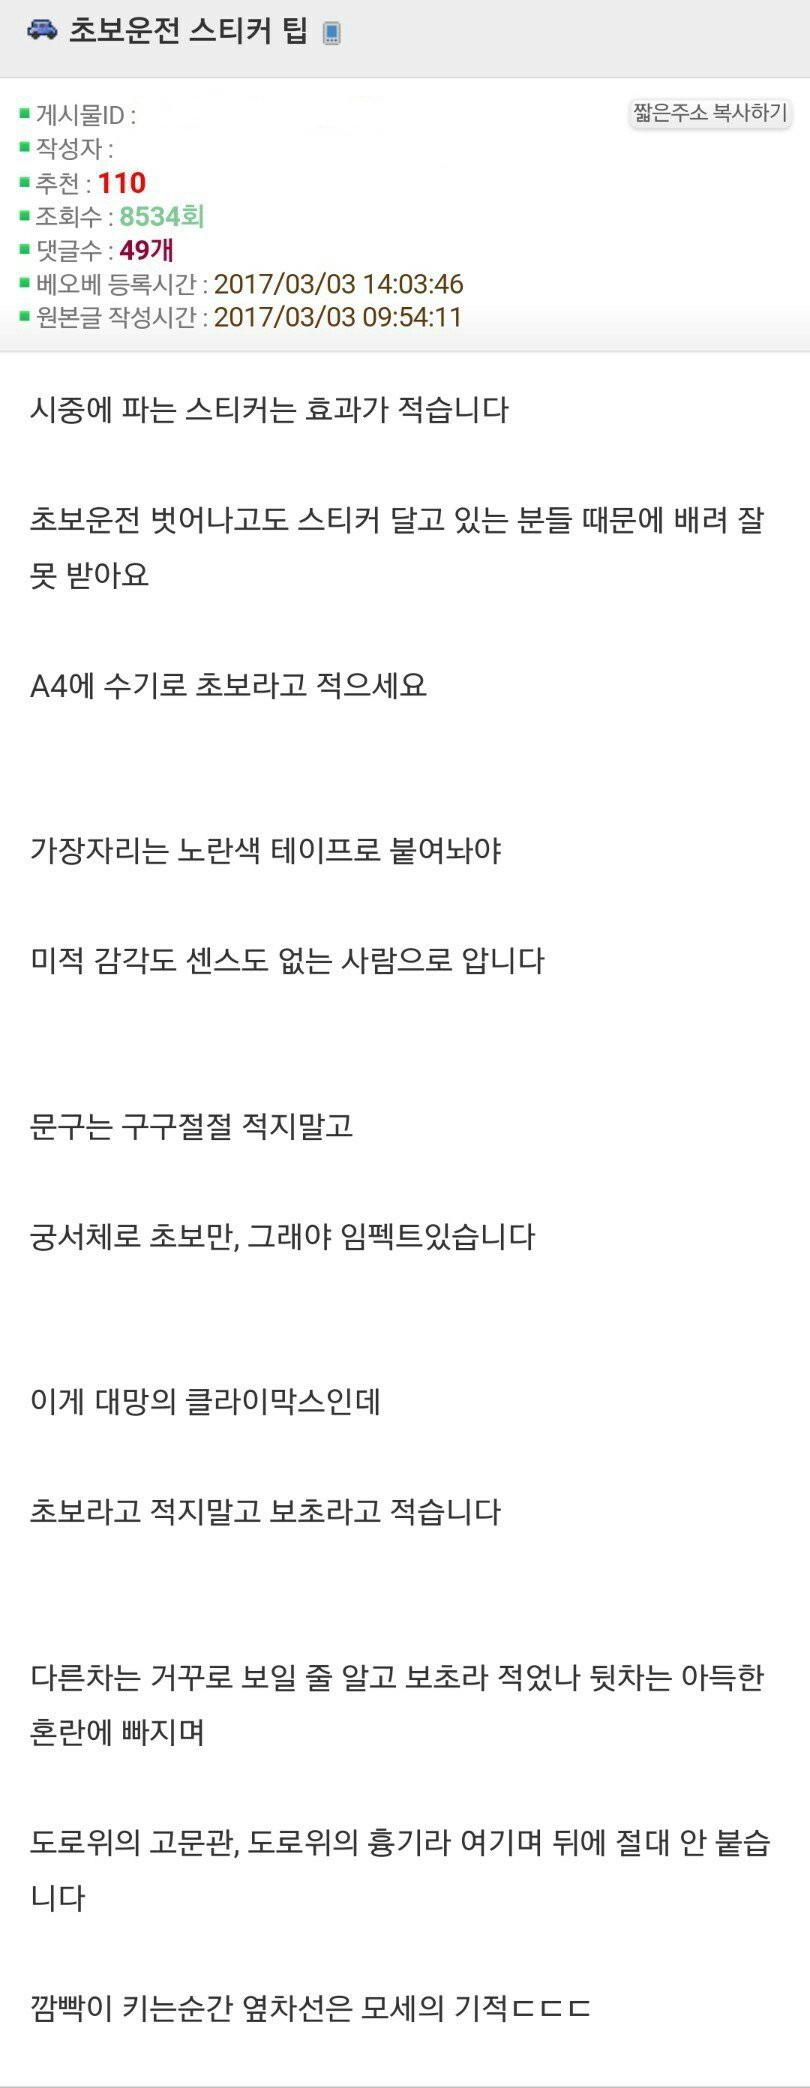 읽기만해도 소름돋는 초보운전스티커 팁!!!